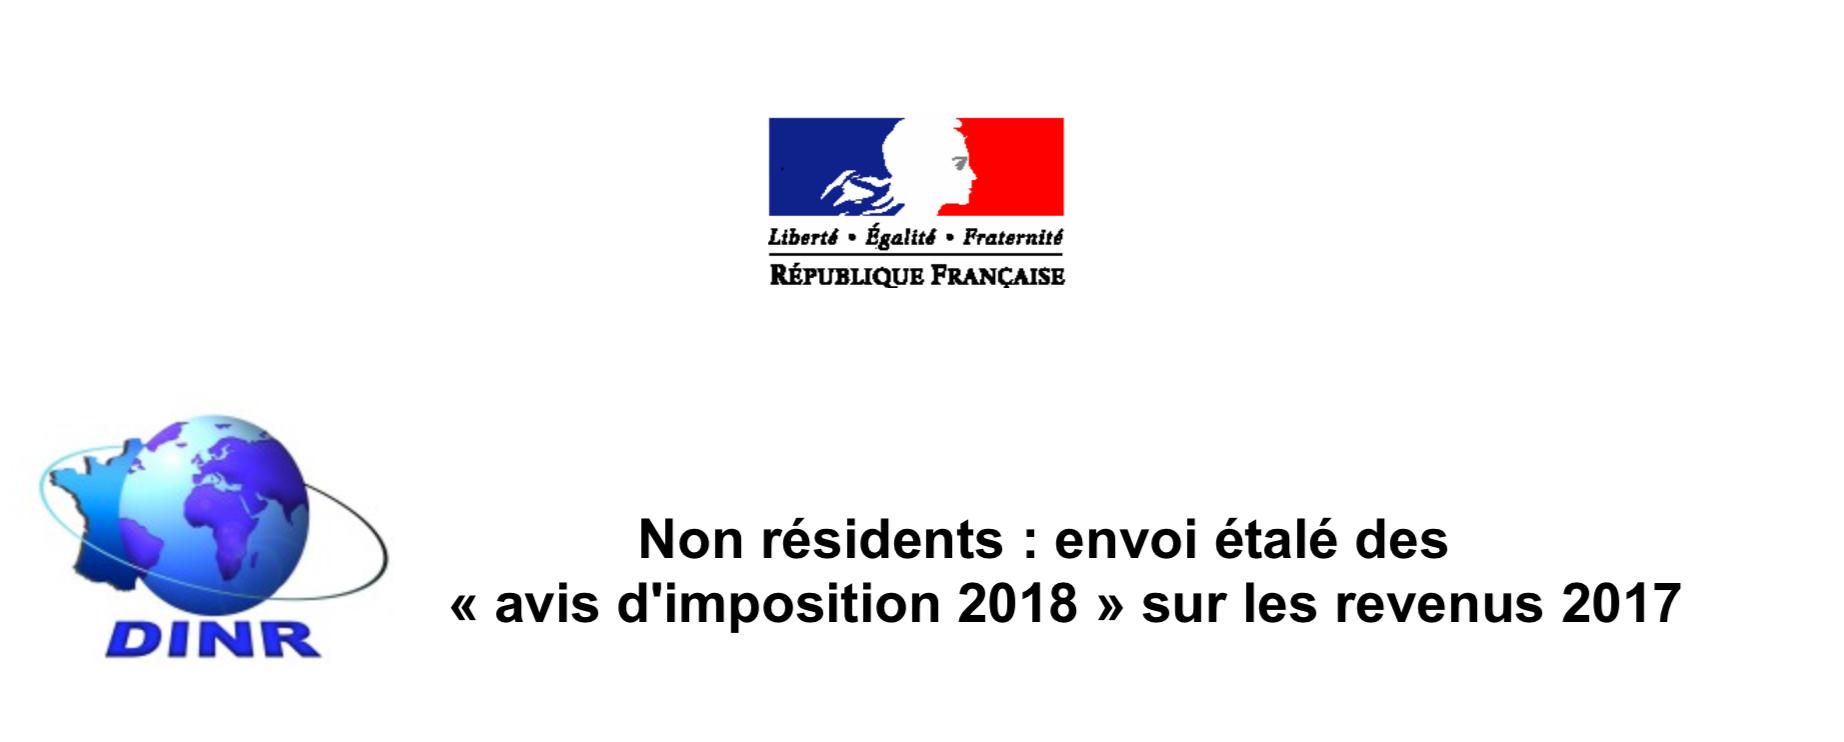 La Dinr Communique Envoi Etale Des Avis D Imposition 2018 Sur